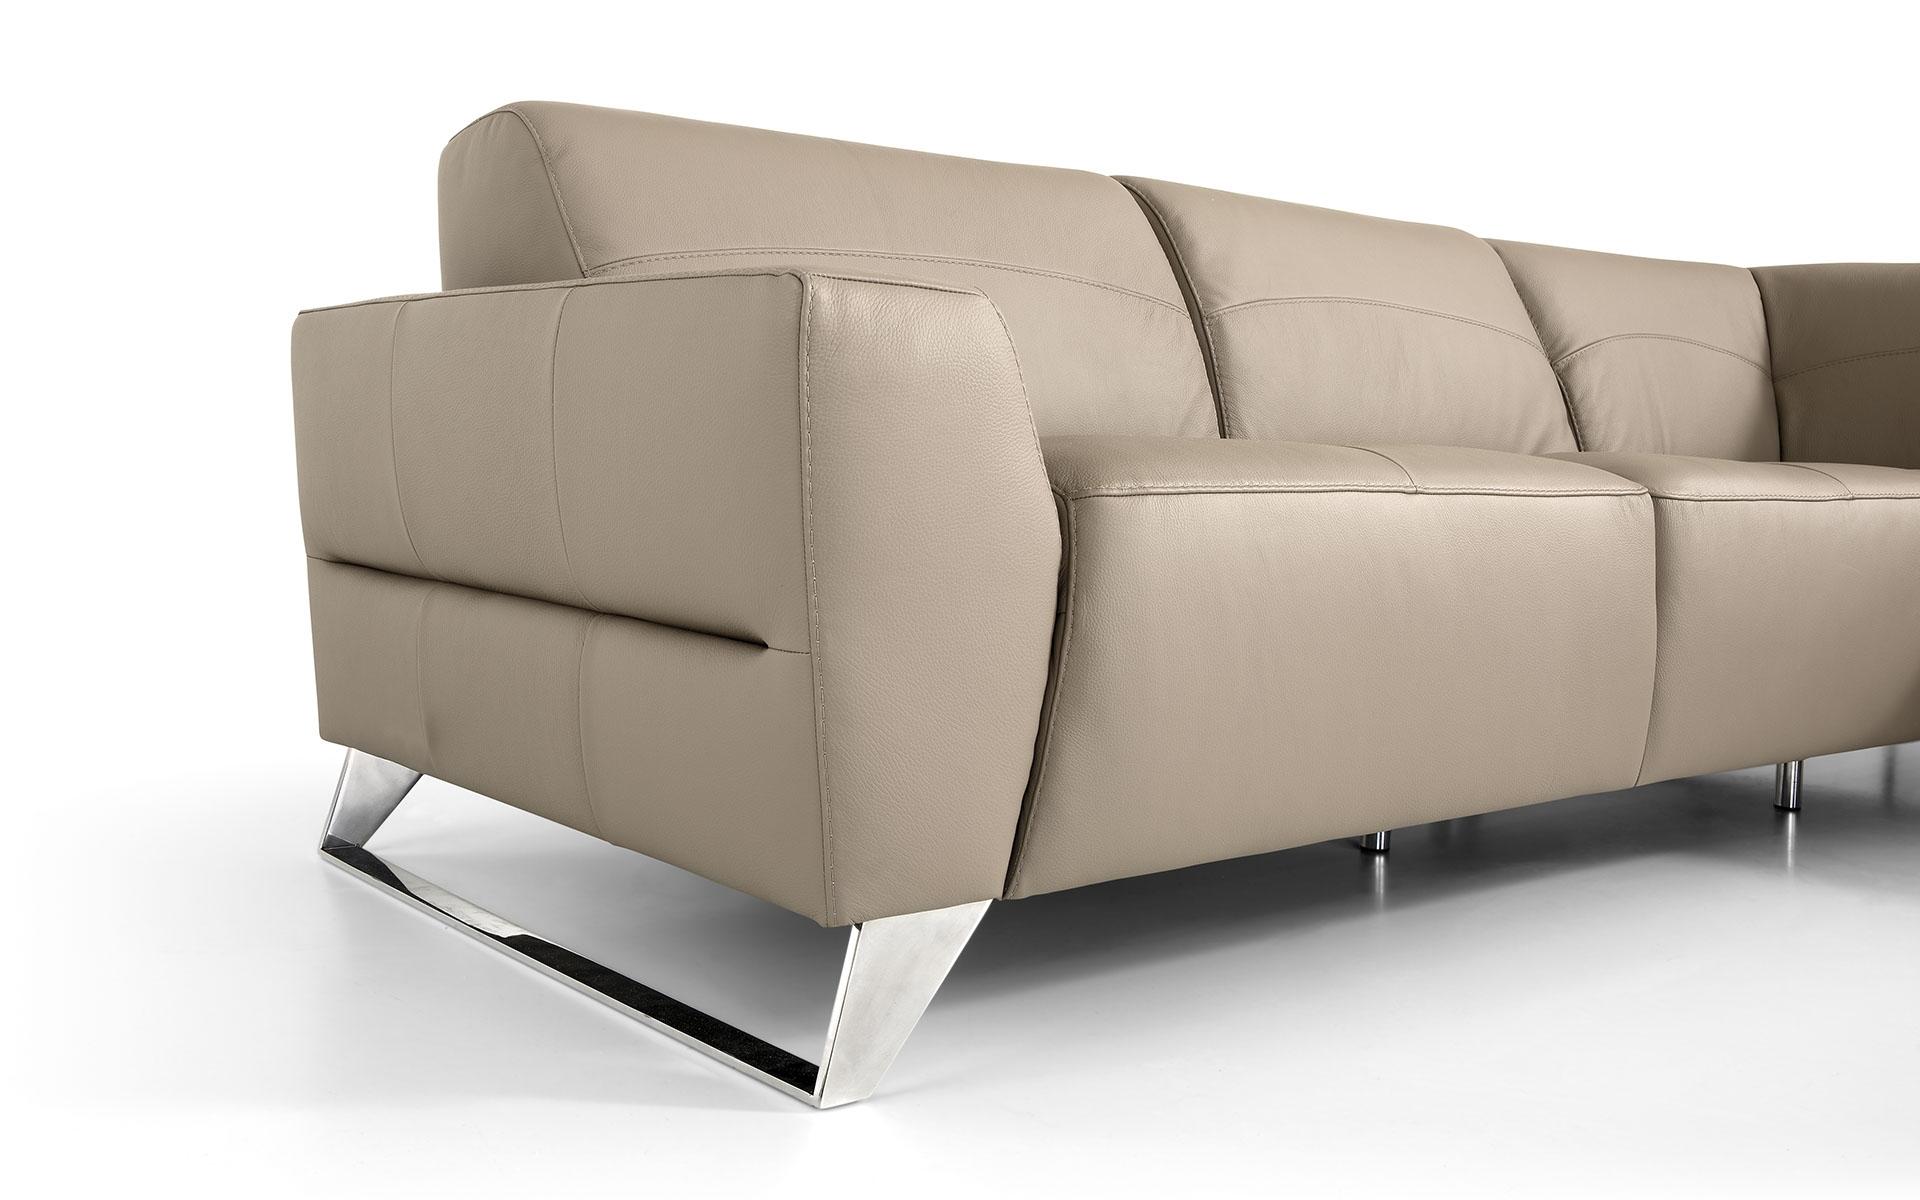 Divano angolare in pelle moderno prezzo outlet divani a for Divano california prezzo